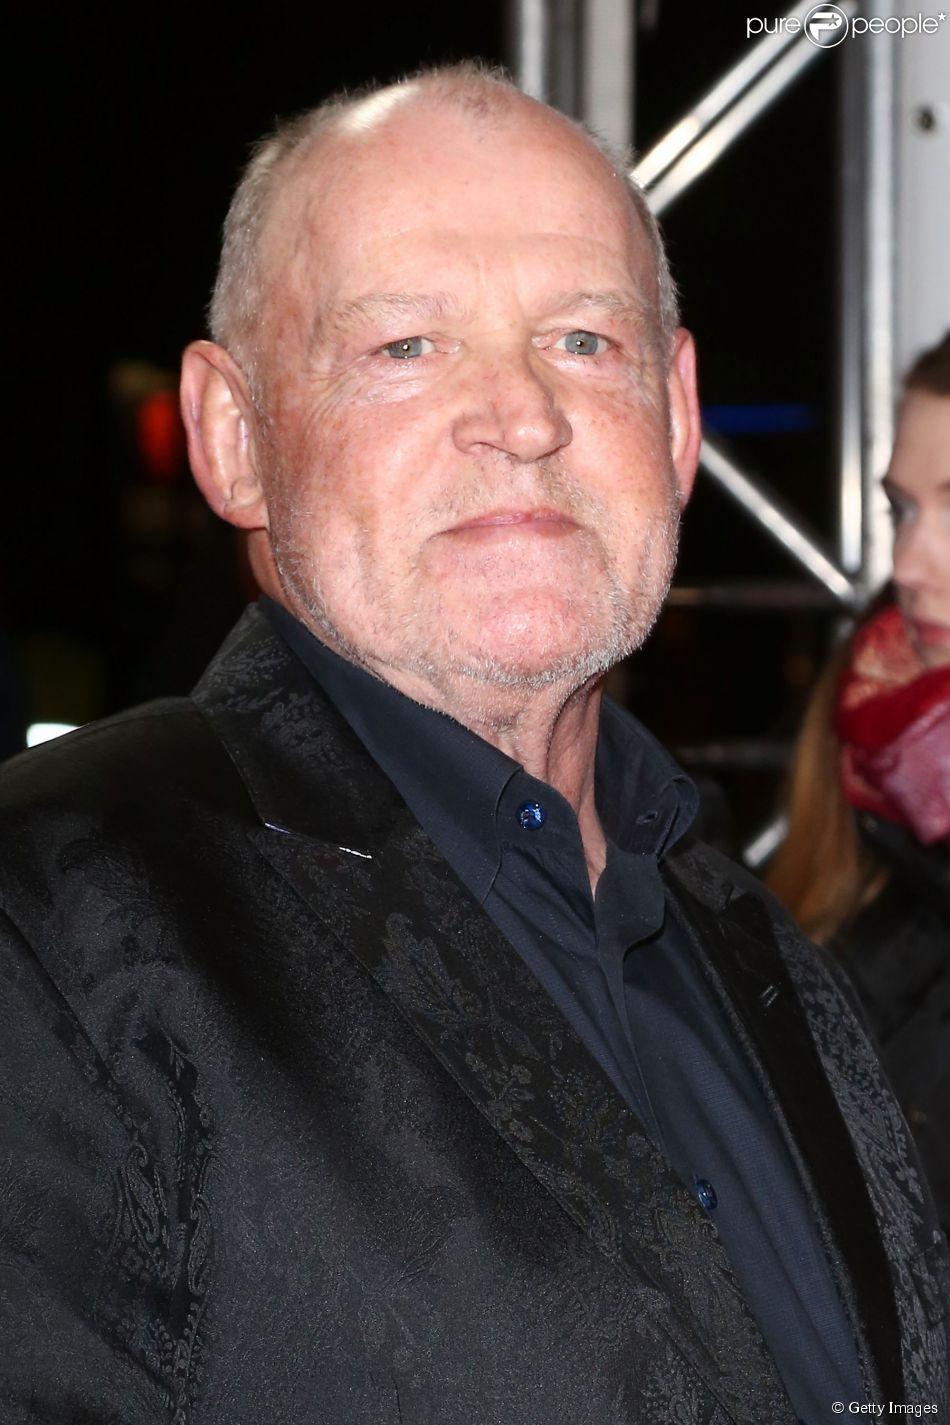 Joe Cocker morre aos 70 anos de câncer de pulmão: 'Sem dúvidas, a maior voz do rock/soul nascida na Grã-Bretanha', afirmou o empresário do cantor, nesta segunda-feira, 22 de dezembro de 2014